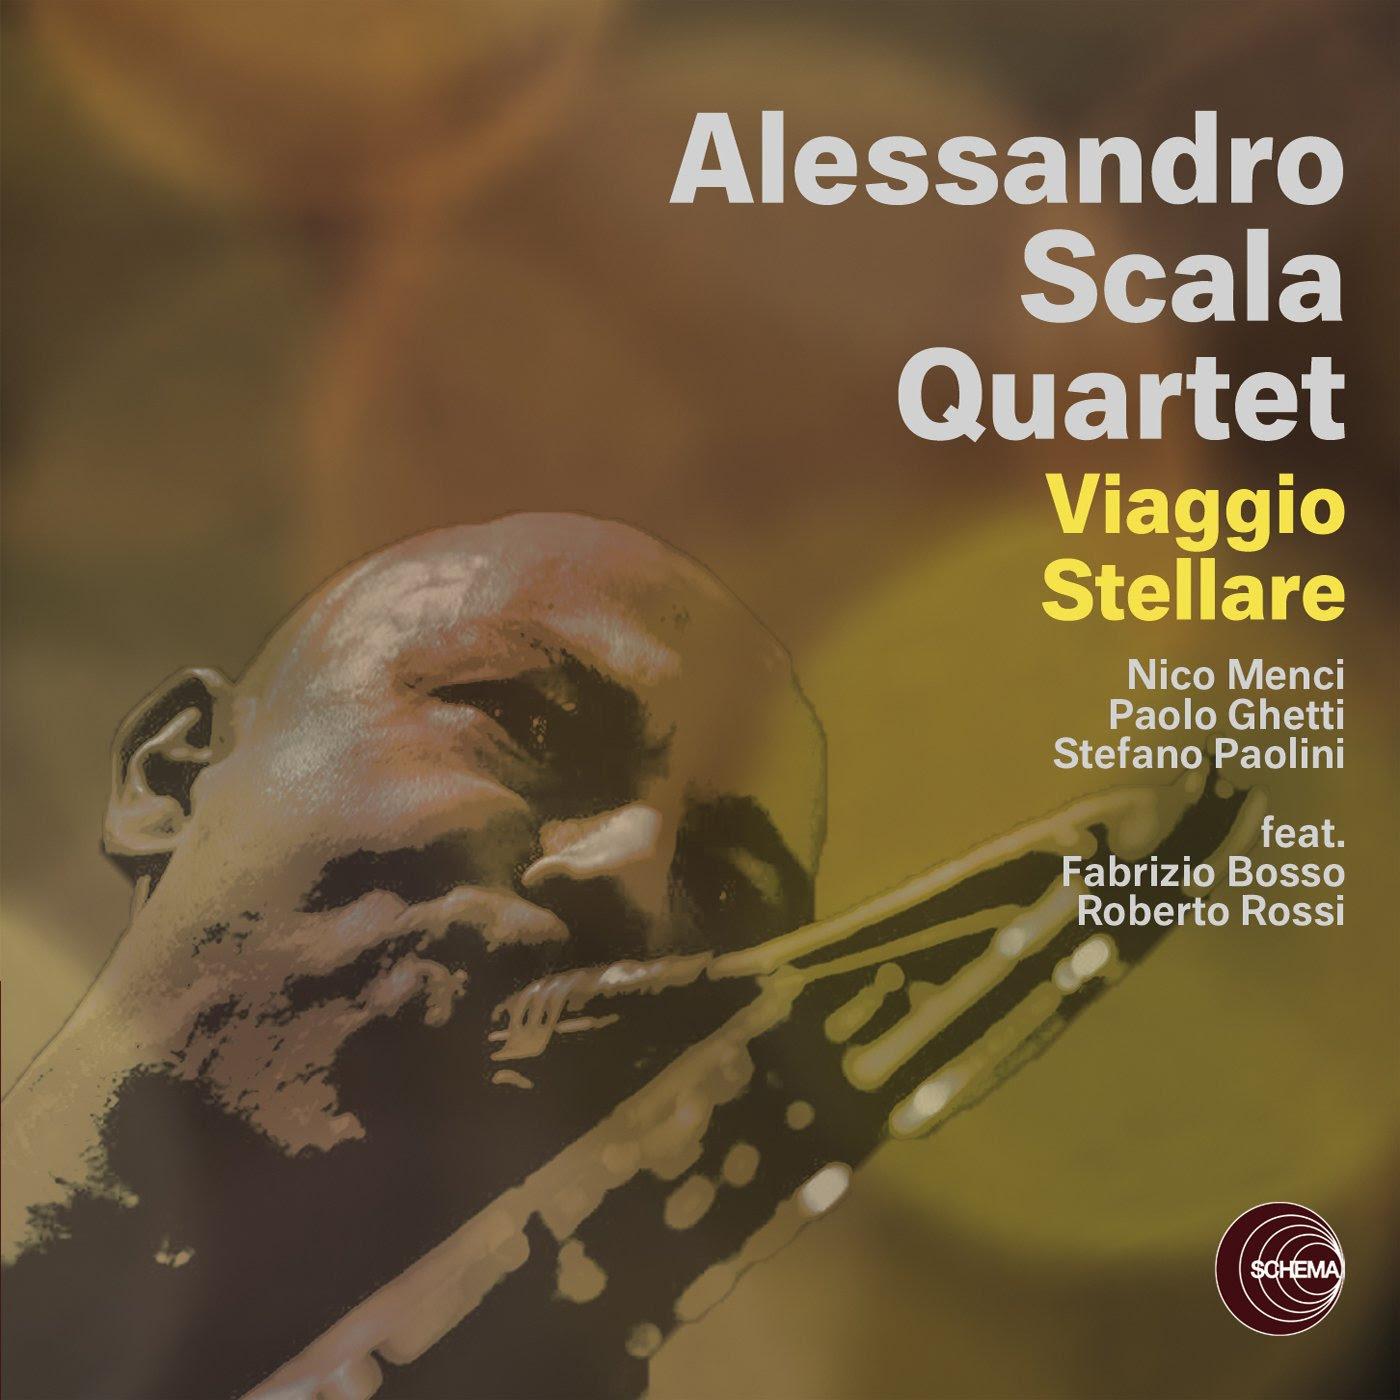 Alessandro Scala - Viaggio Stellare cover